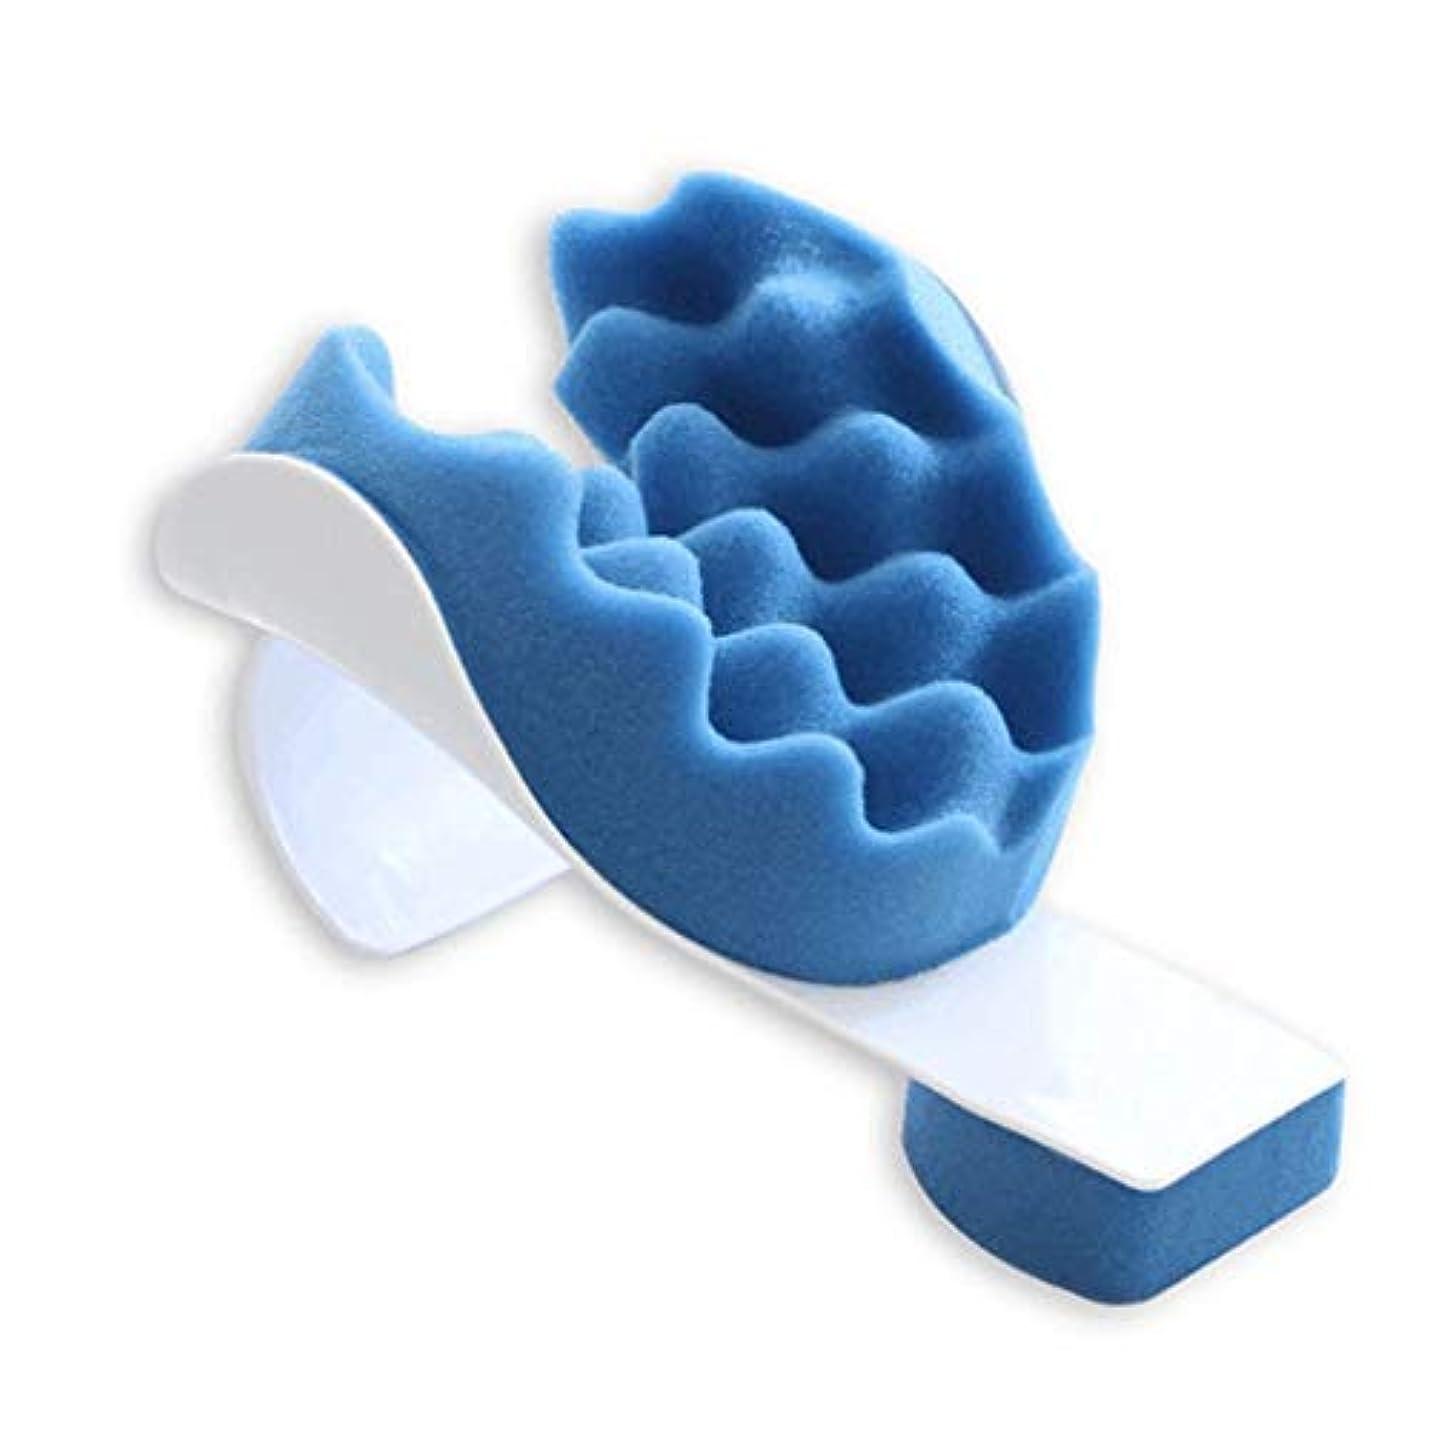 評価する欠かせない沈黙Esolom マッサージ枕 首と肩のリラクゼーション 首の痛みの緩和 サポート肩リラクゼーションマッサージ牽引枕 ポータブル 頭と首のマッサージ枕